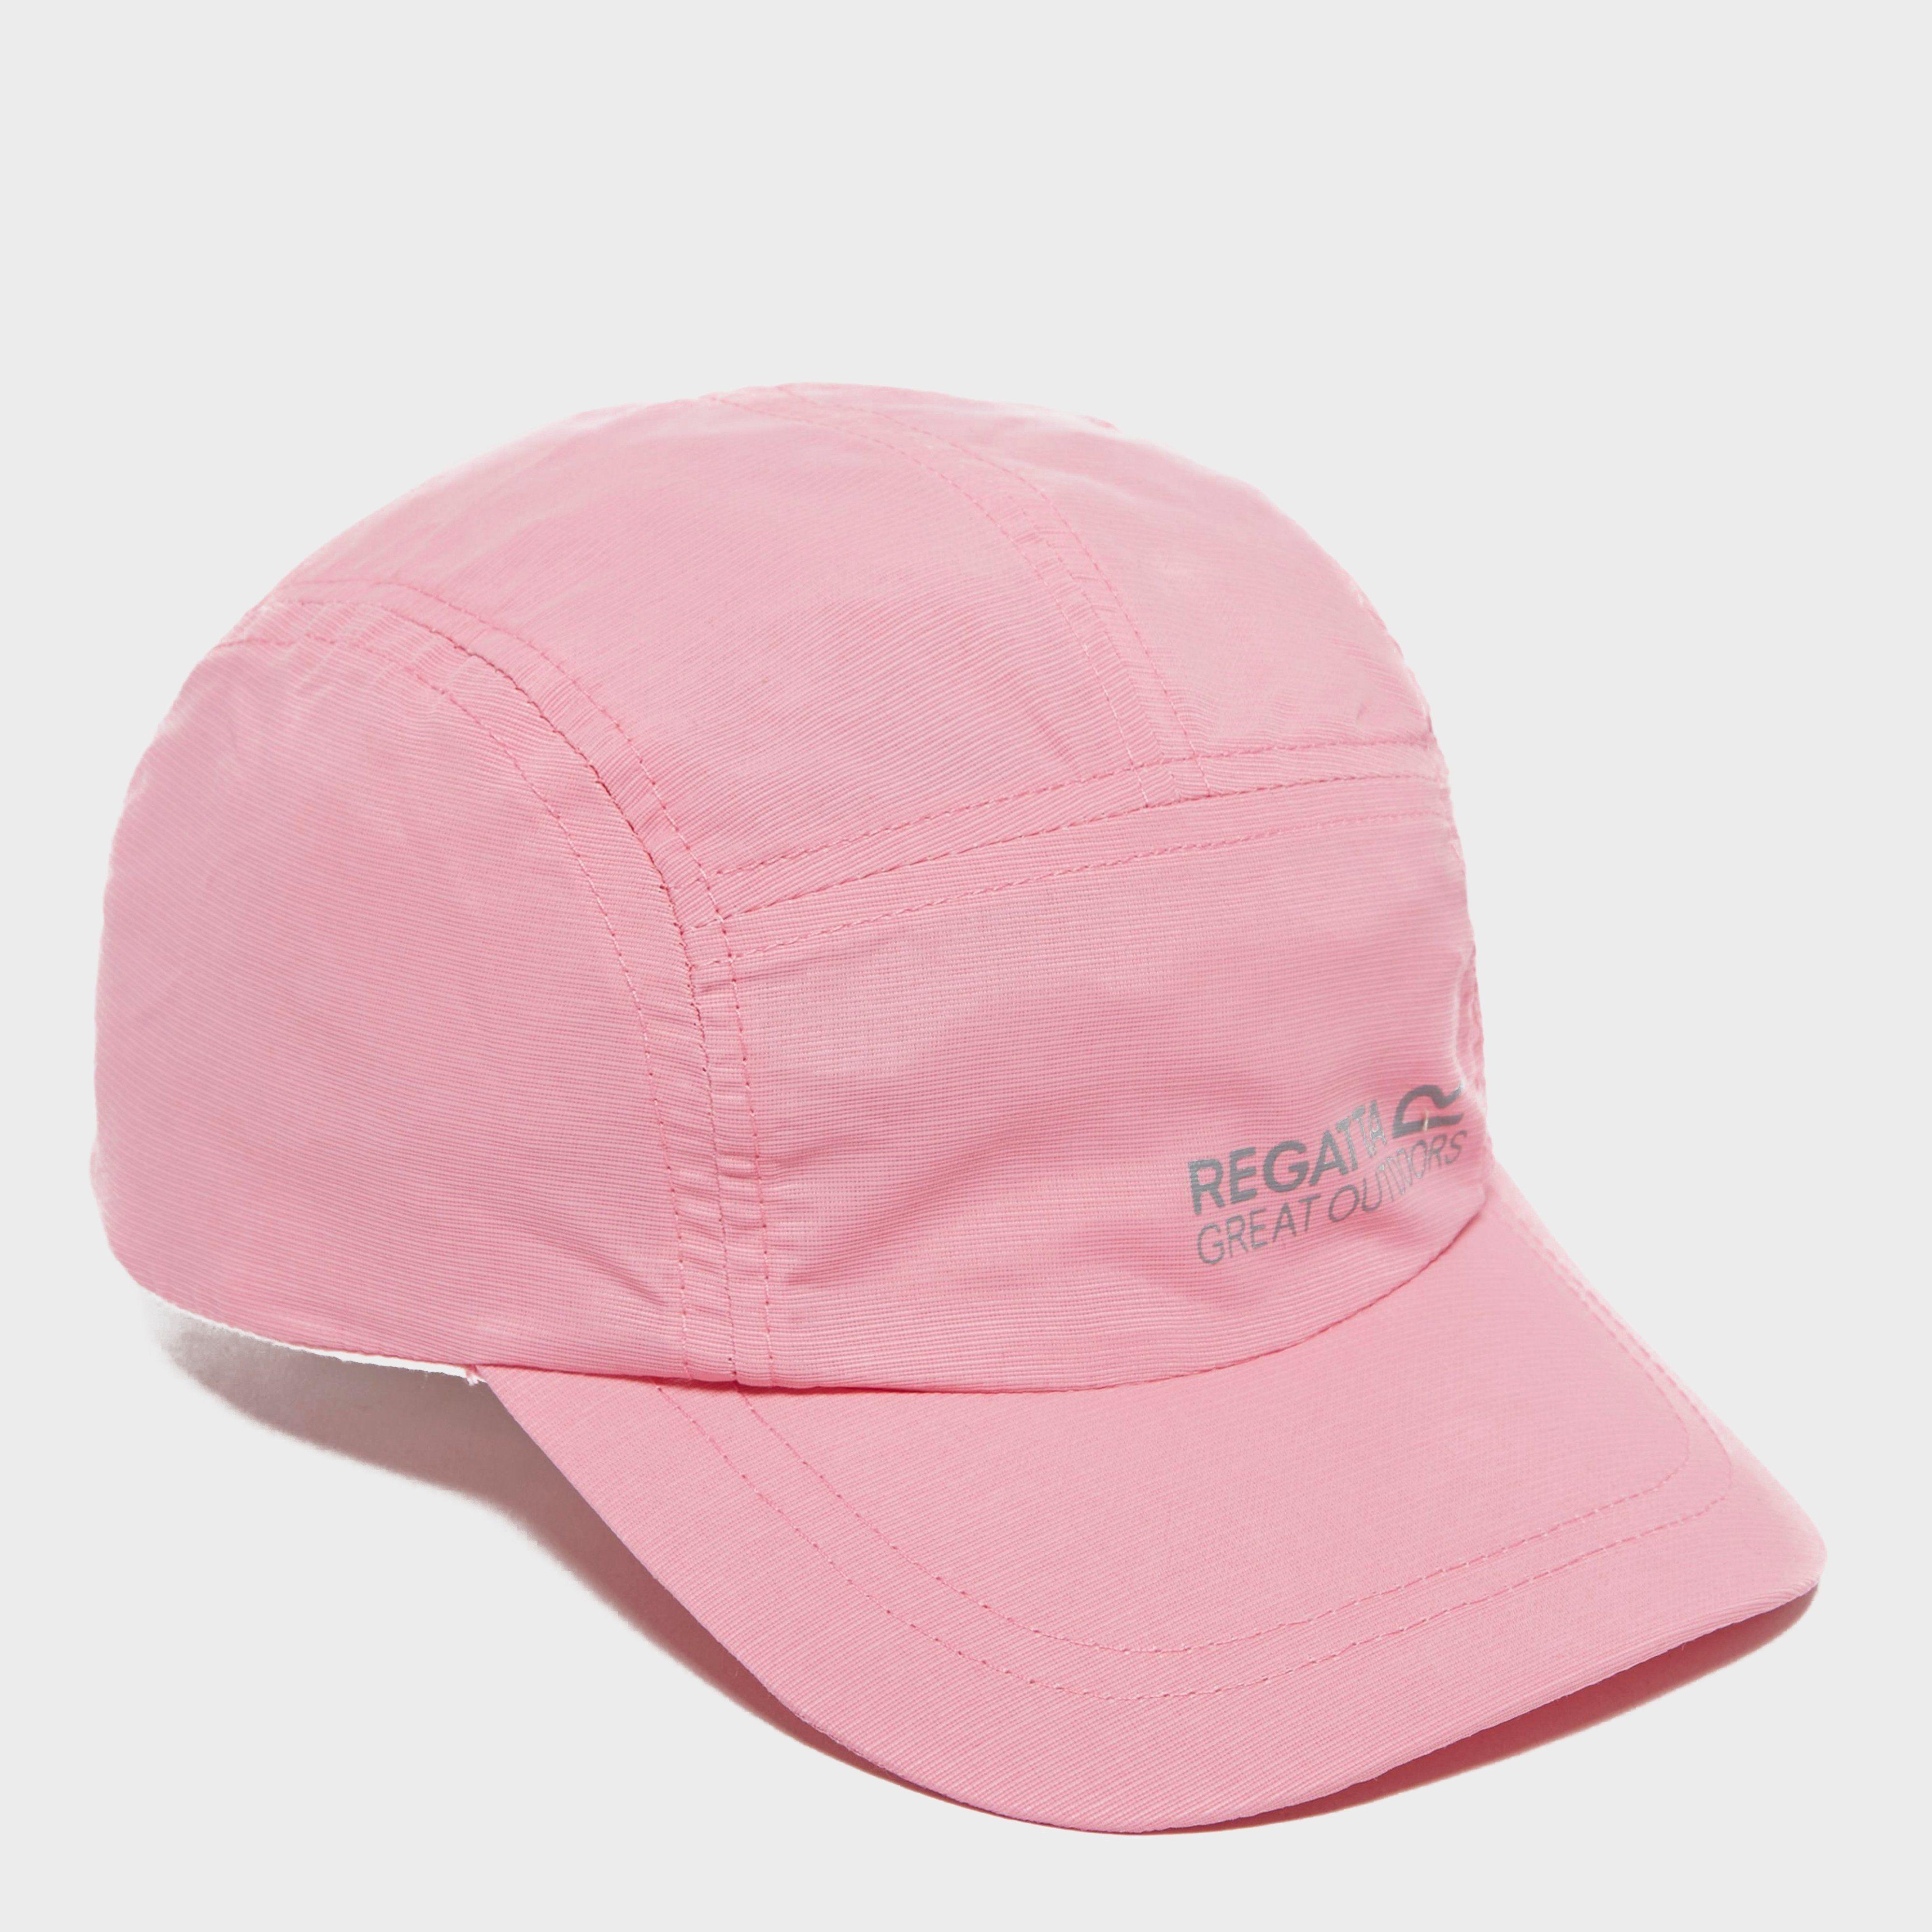 REGATTA Girls' Melker Cap